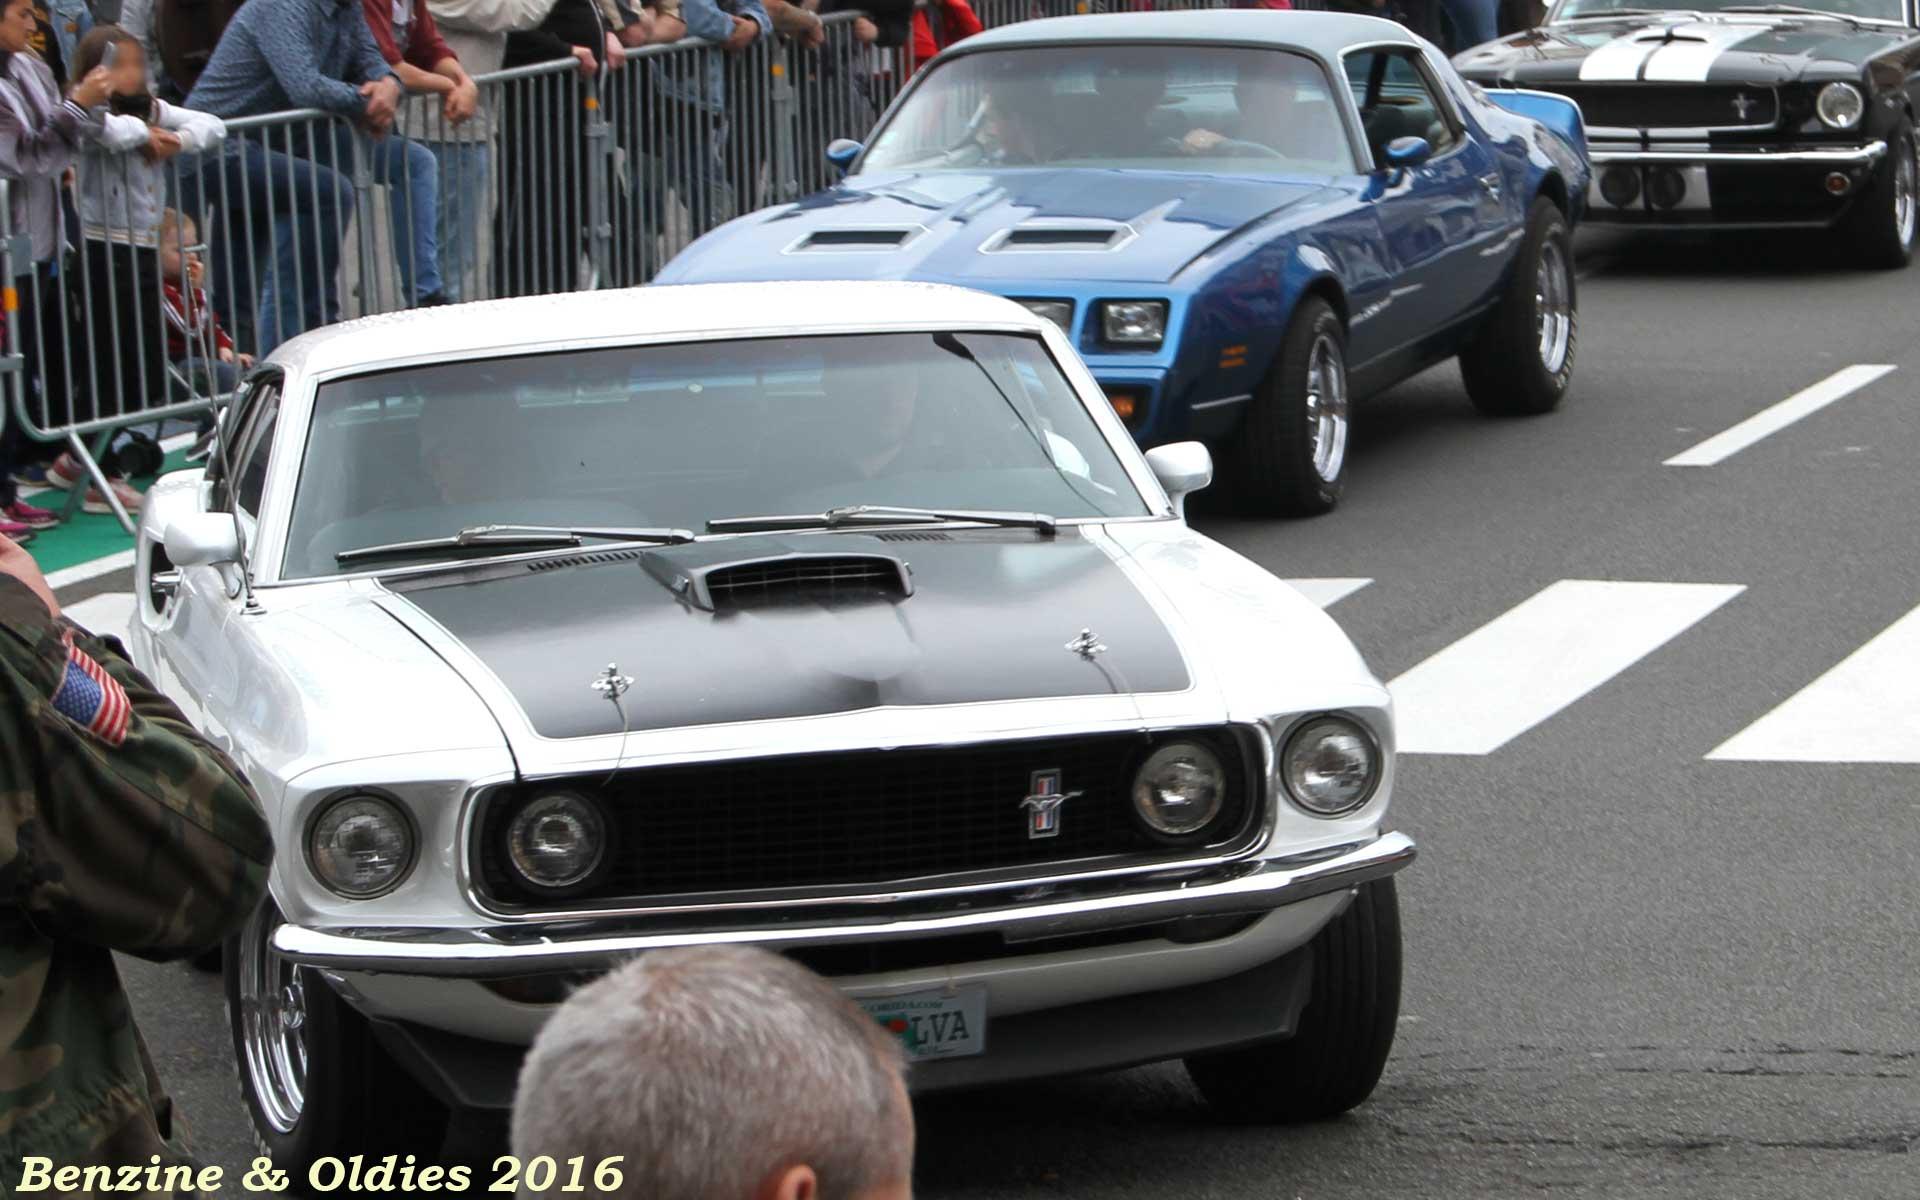 rassemblement concentration expo défilé de voitures américaines à Hénin-Beaumont 954076street201605290010w1920